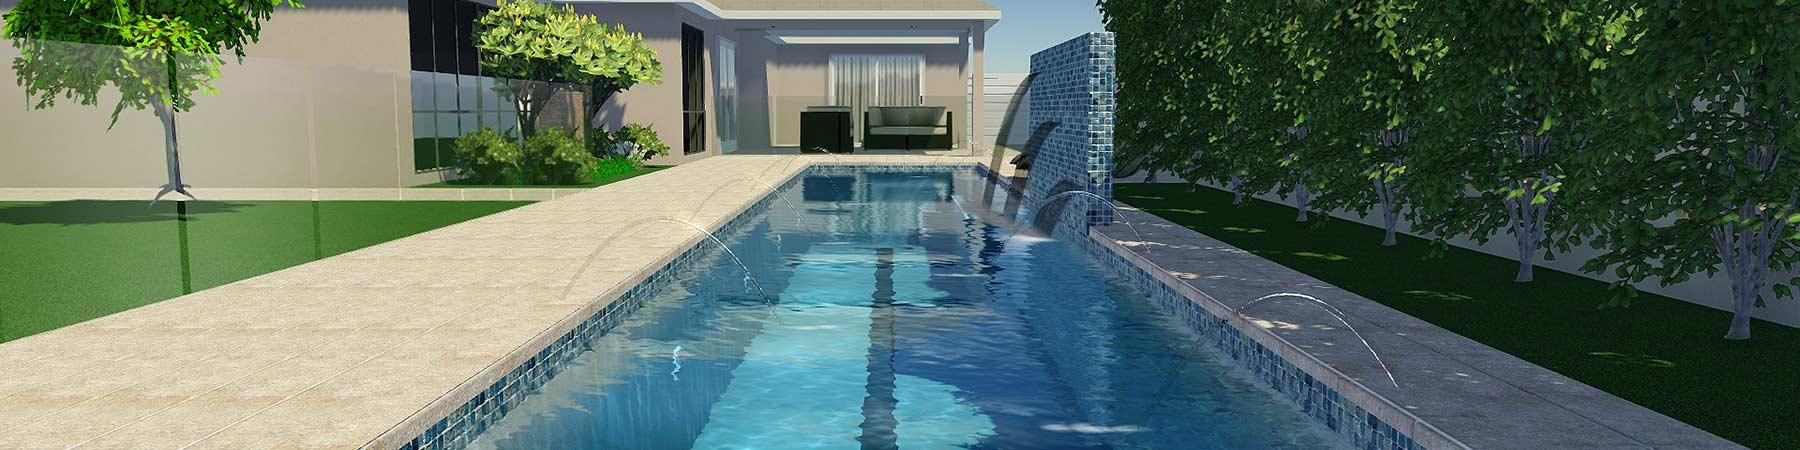 Lap-Pool-Como-Concept-Design